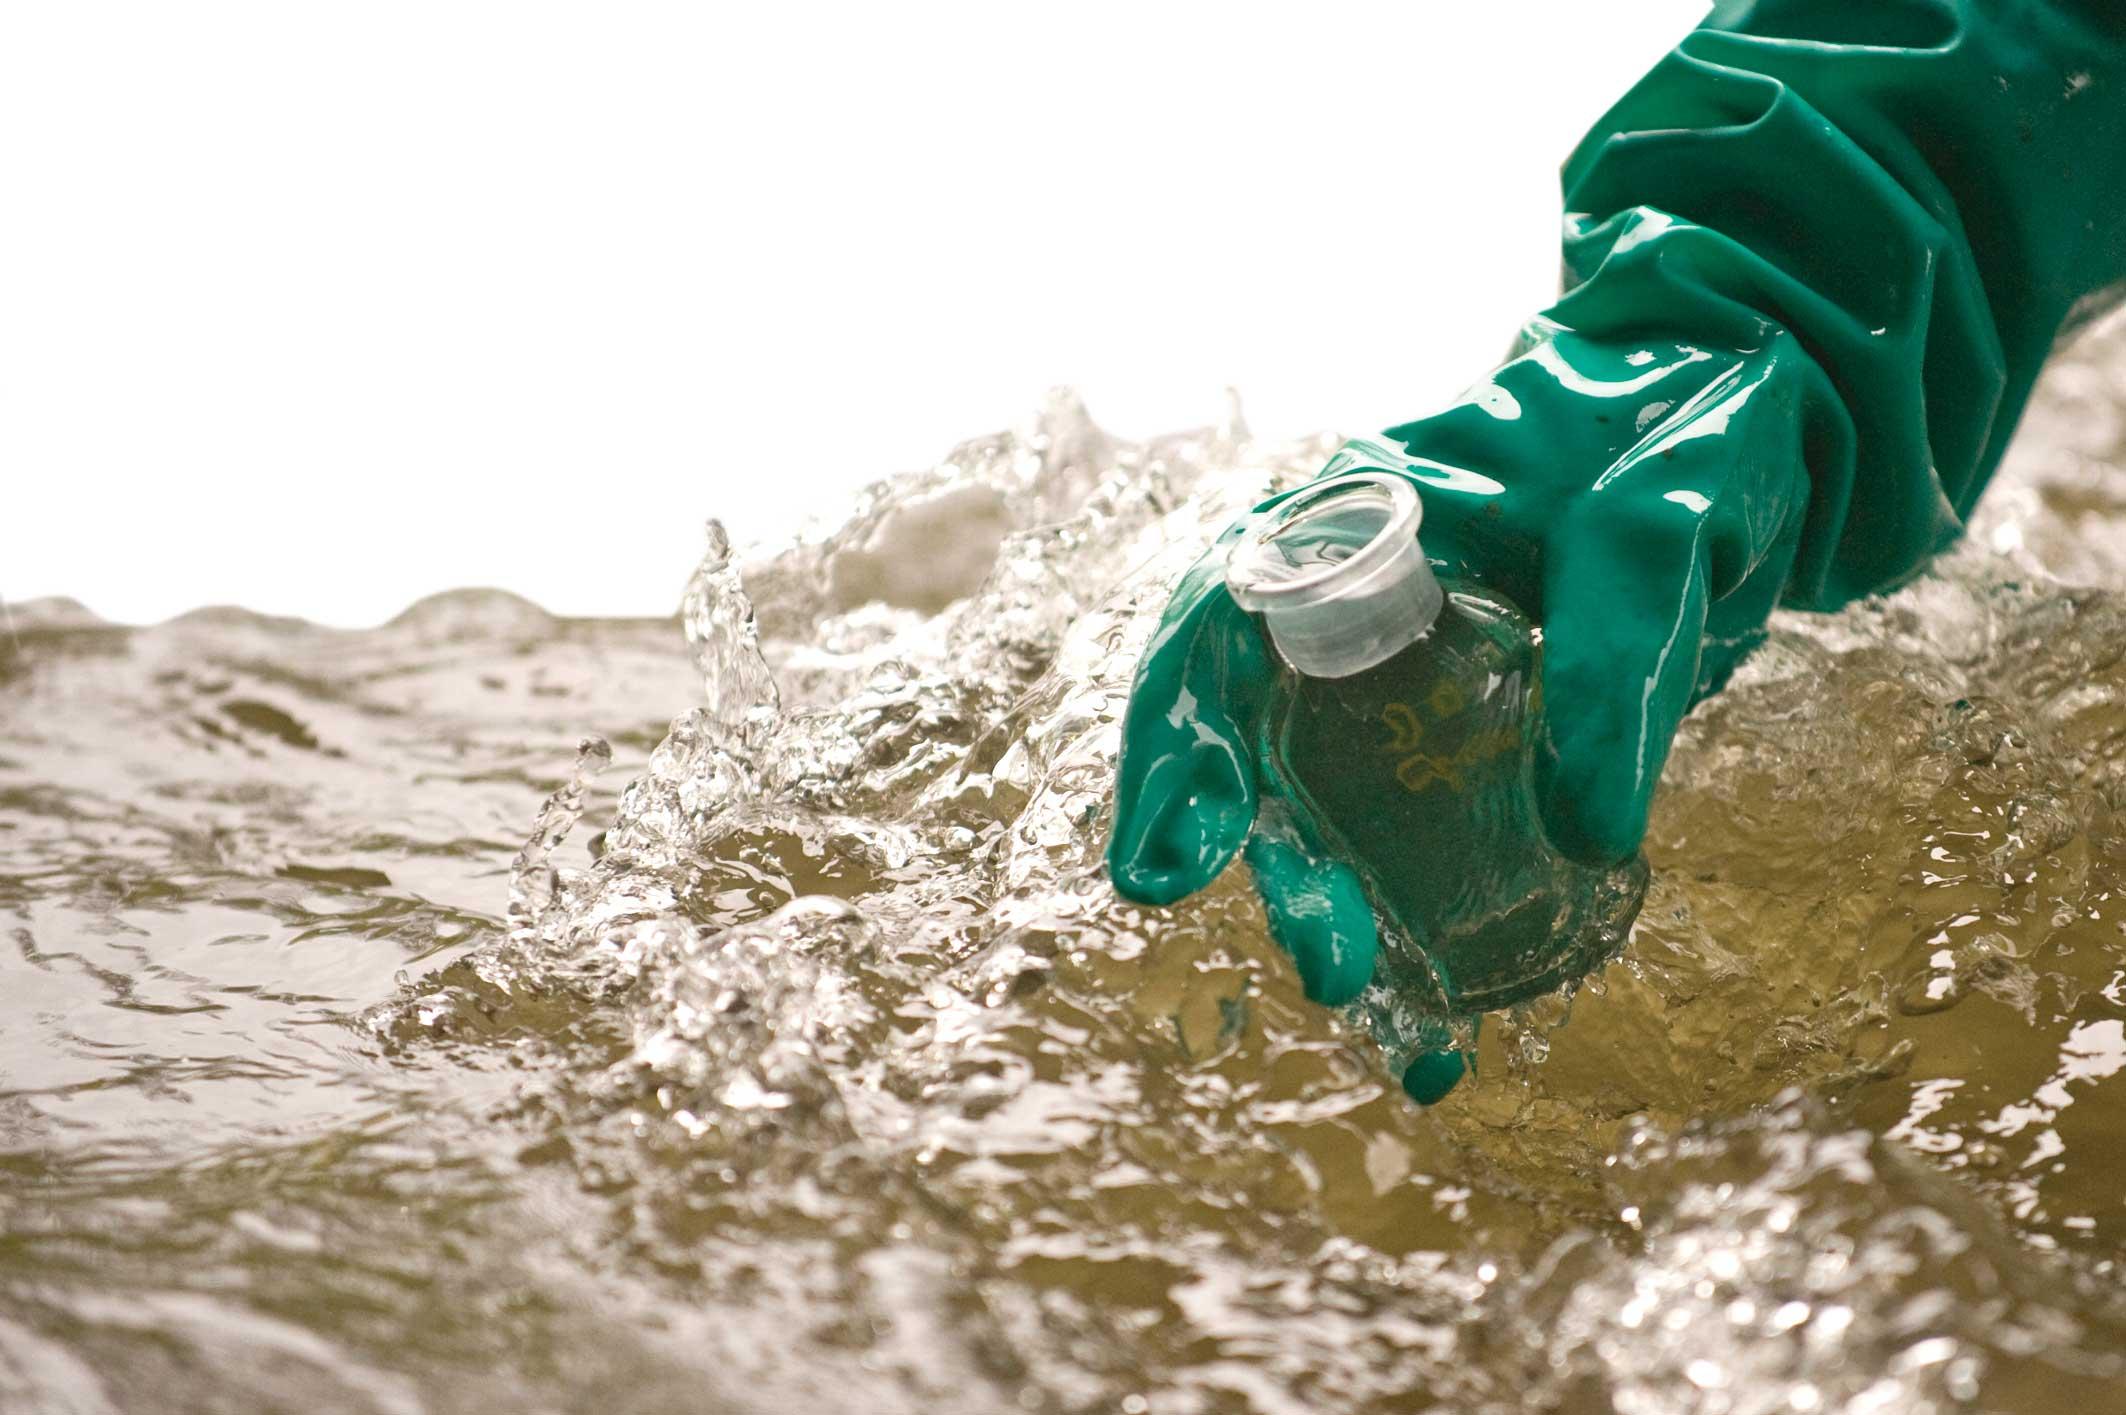 La Biotecnología Eficaz En El Tratamiento De Aguas Residuales Y Residuos De Hidrocarburo Petroquimex